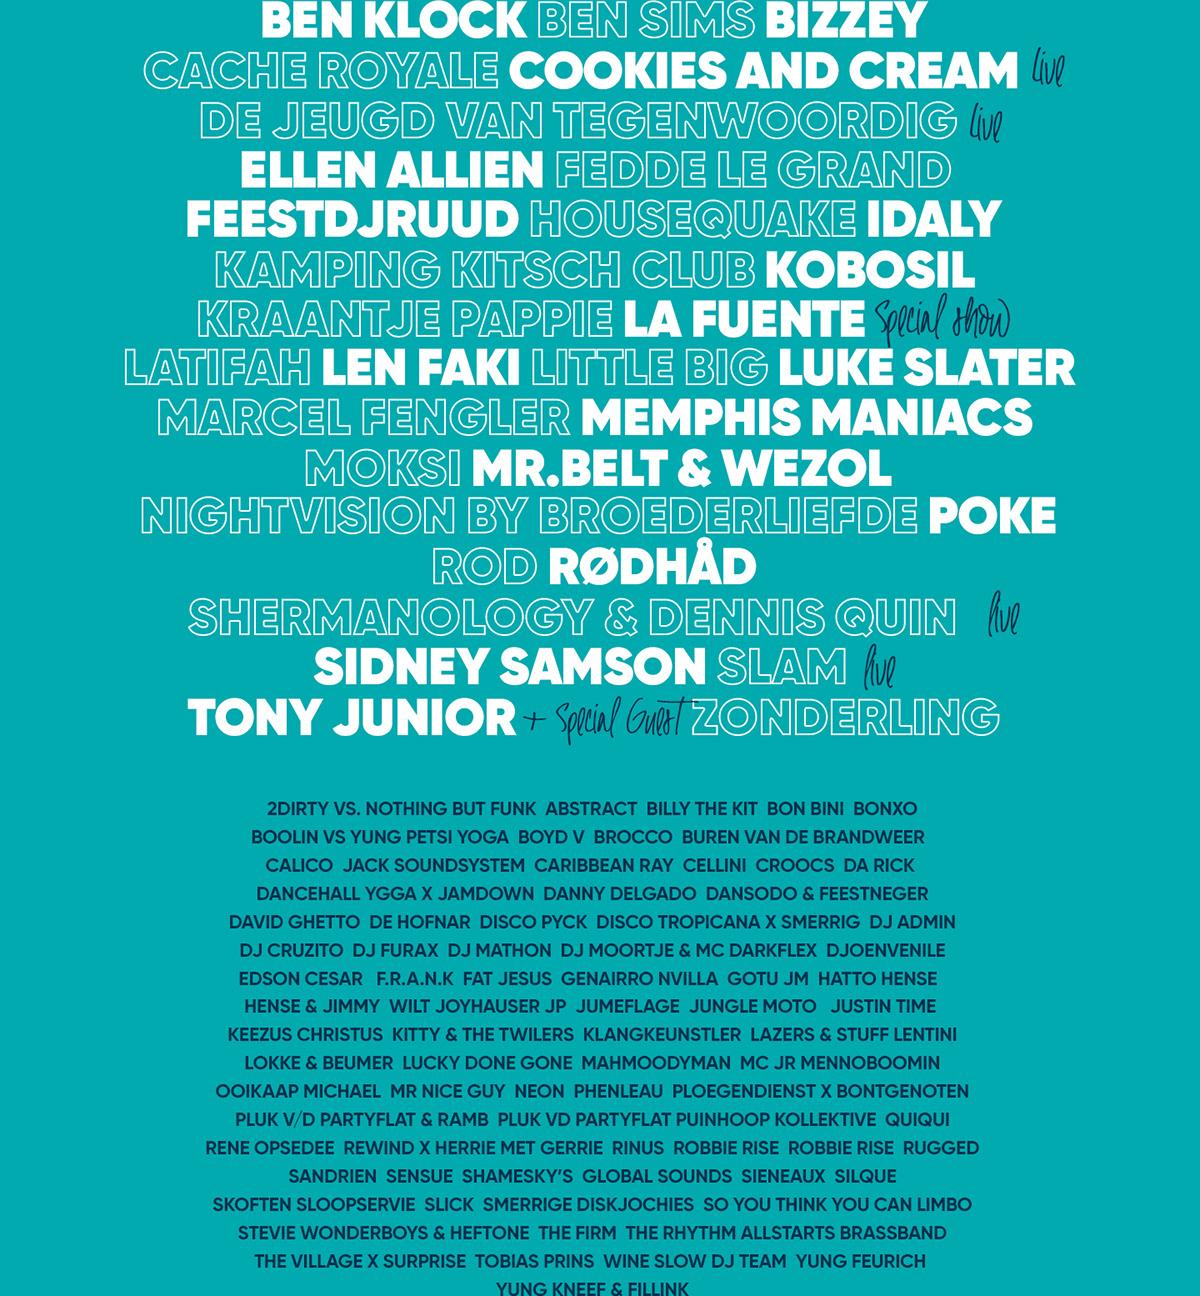 festival Website Webdesign The Netherlands techno house creatives festival design